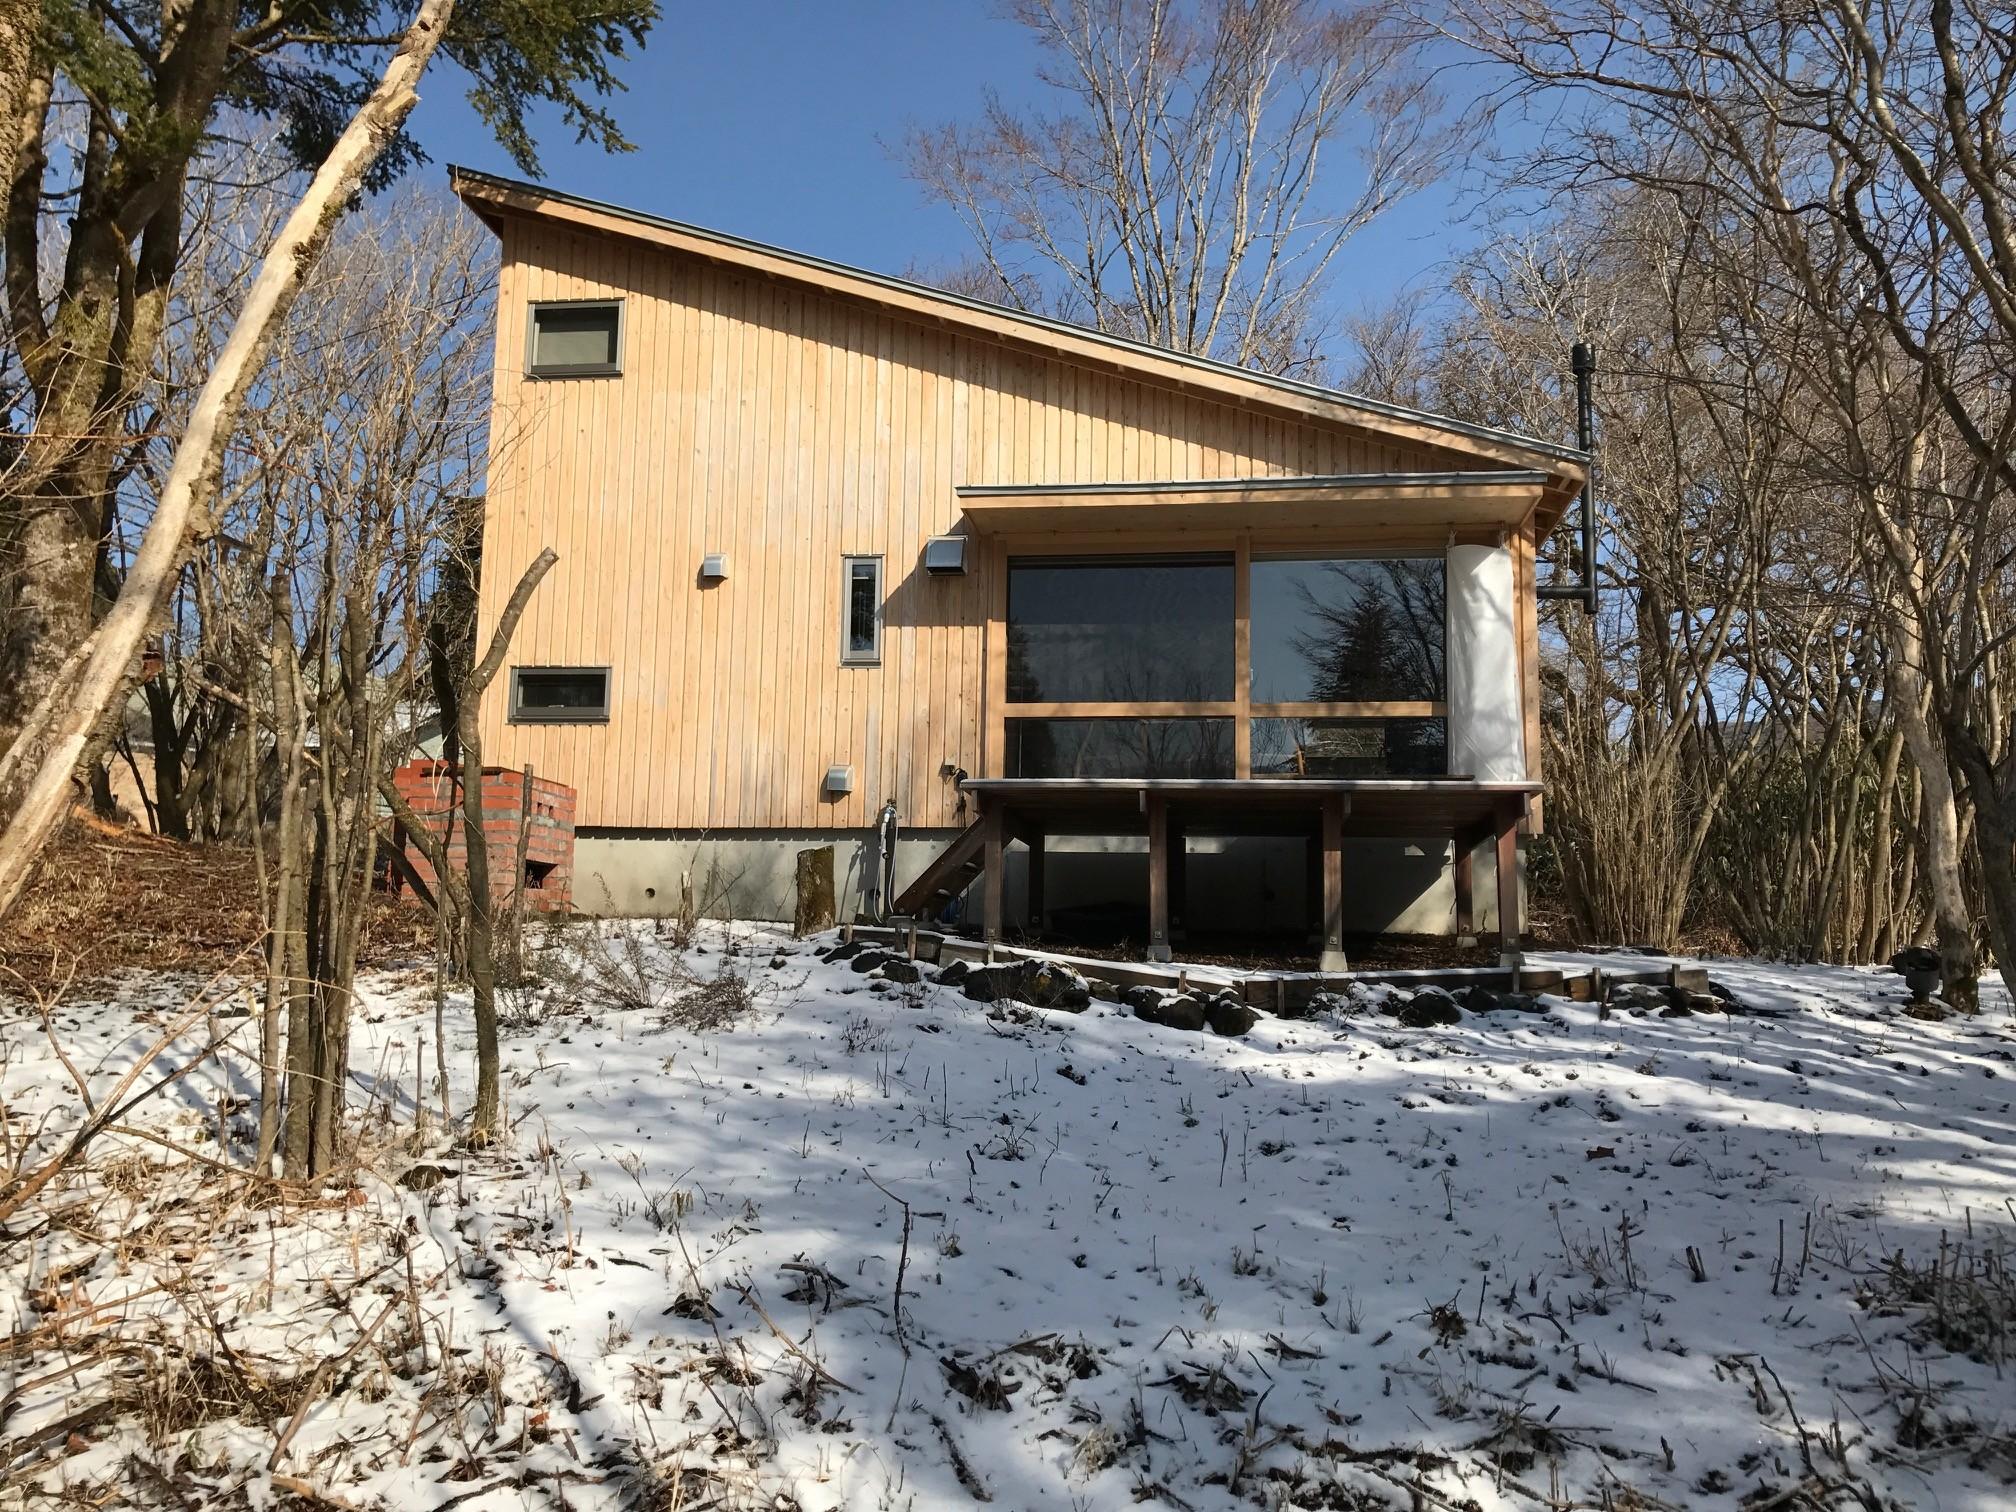 外観事例:ごたごた荘に雪が降る(OUR CABIN OUR DIY~直営、DIYで小屋をつくる~)